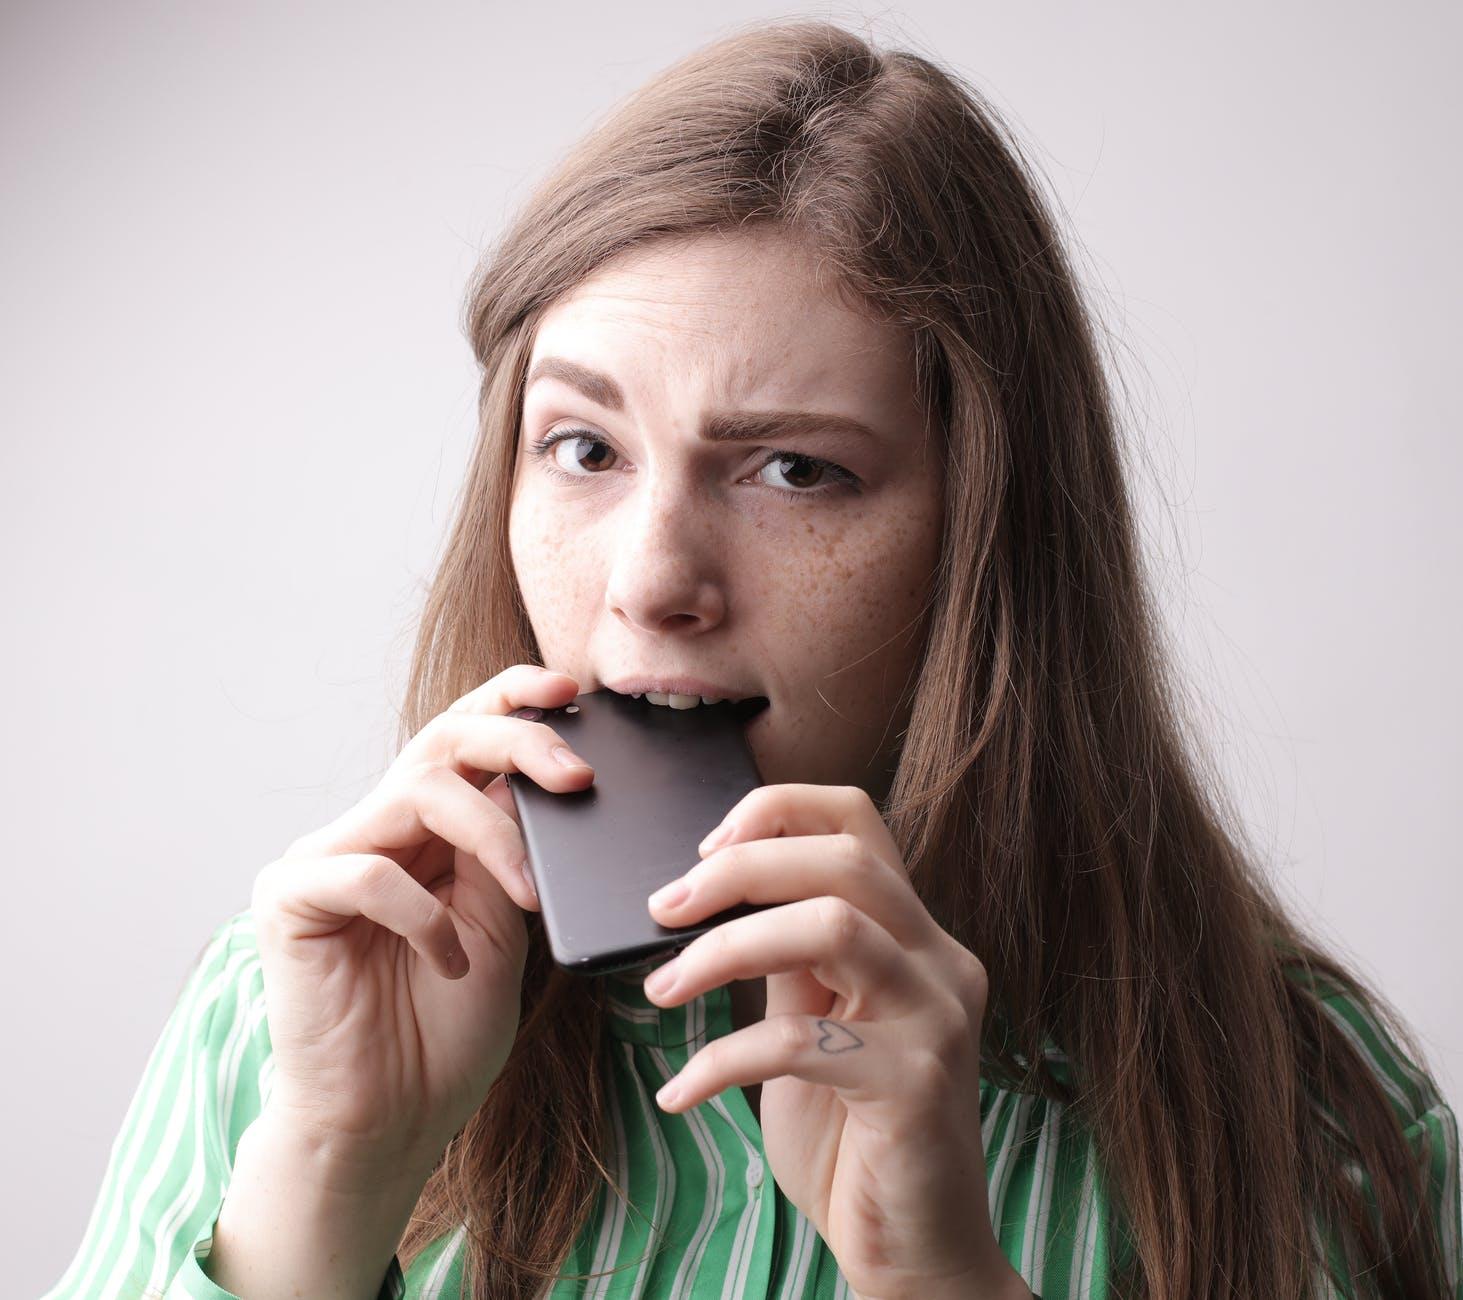 Faccio tante denunce ma nessuno mi ascolta? | Tiziano Solignani